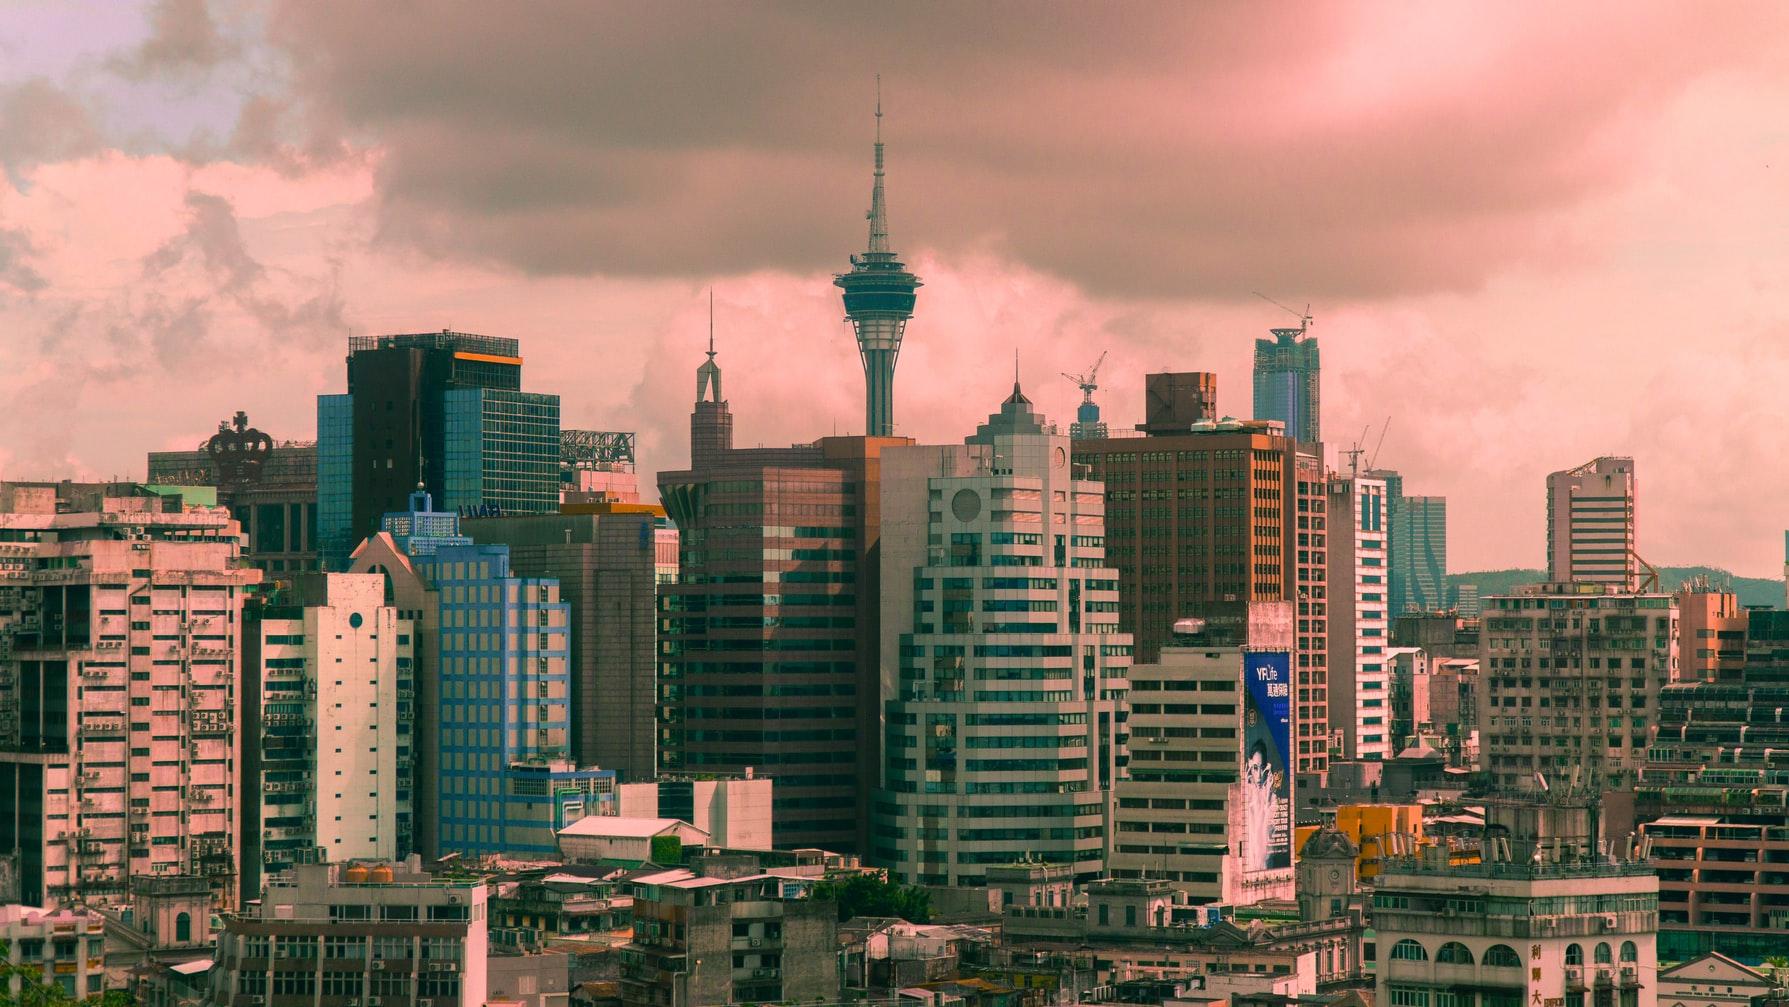 La ville moderne est hérissée de gratte-ciels